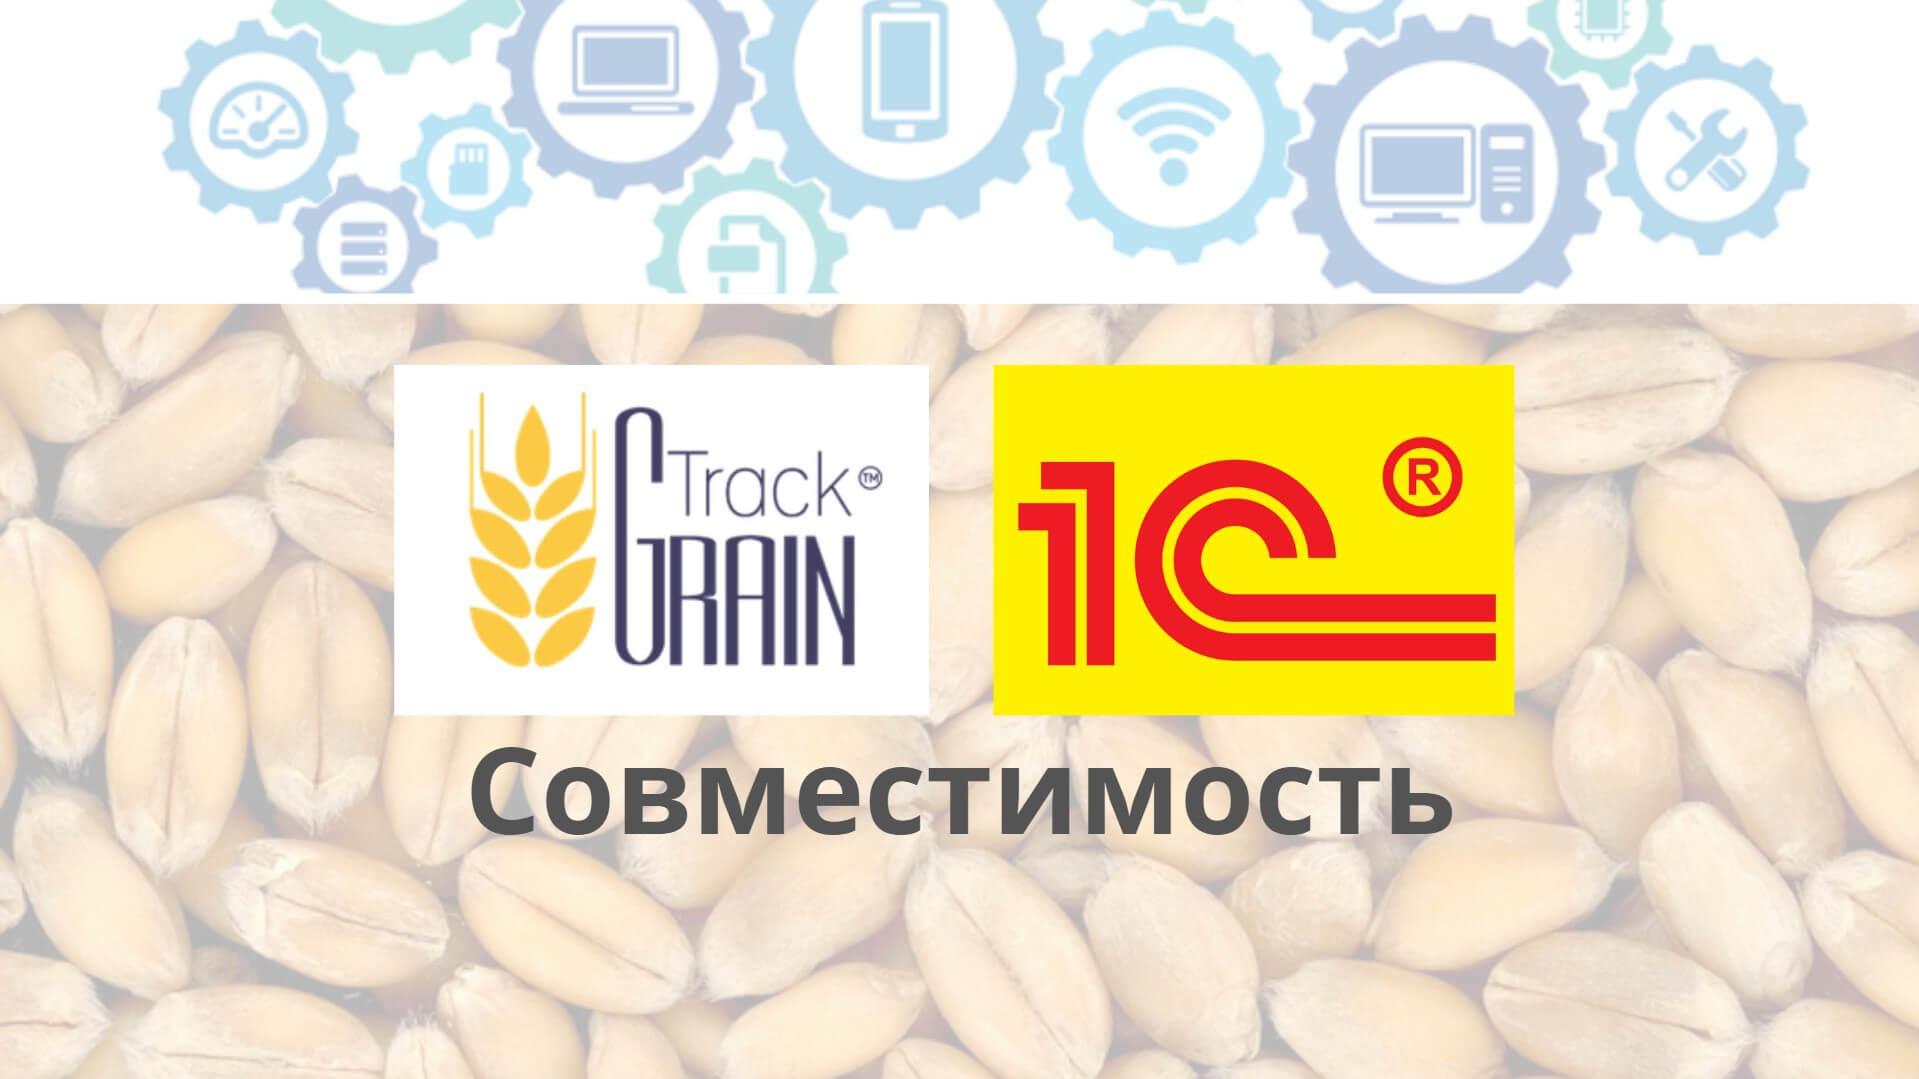 GrainTrack реализует интеграцию с программой 1С